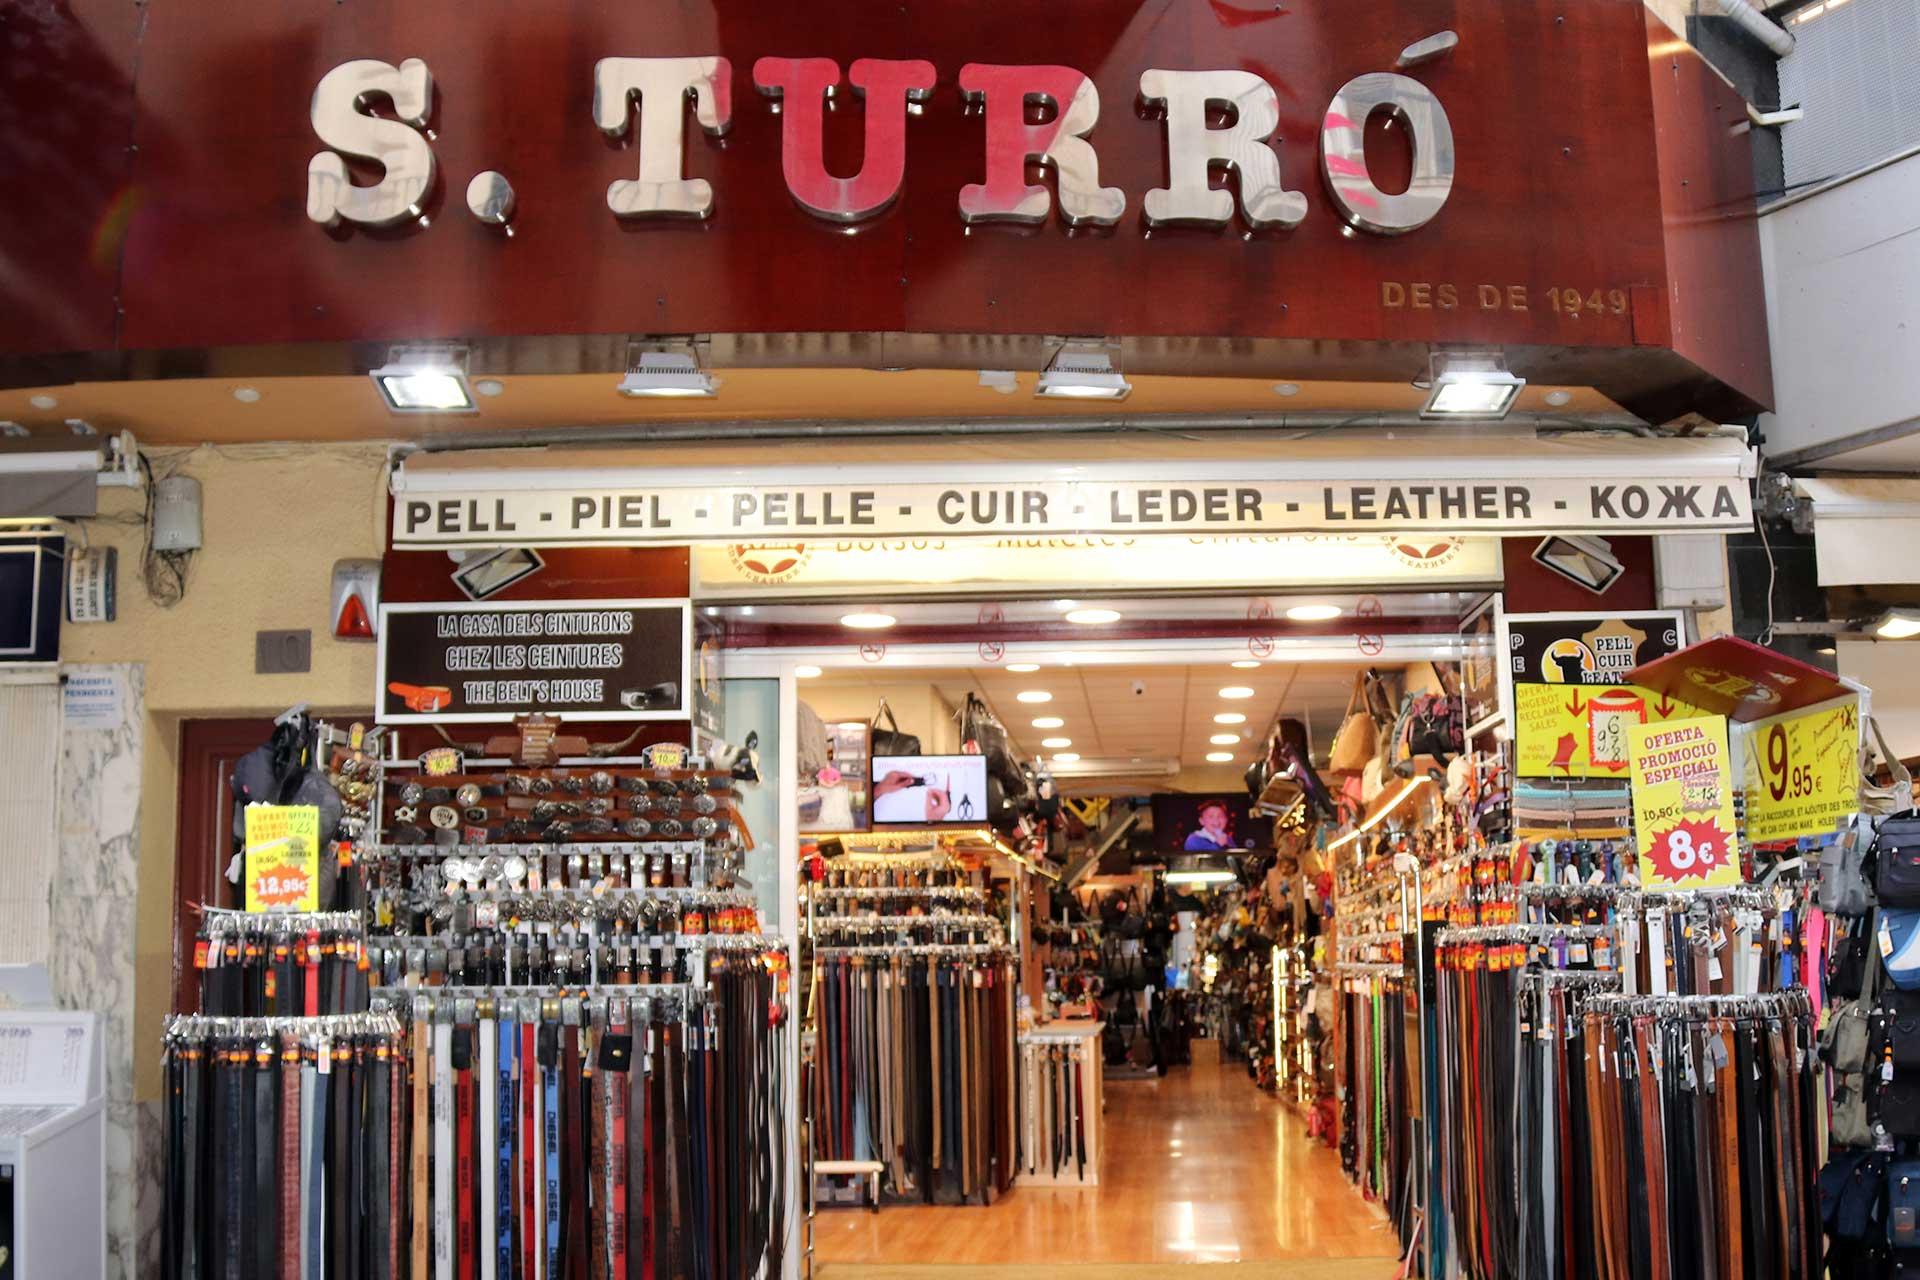 Articles de pell Turró